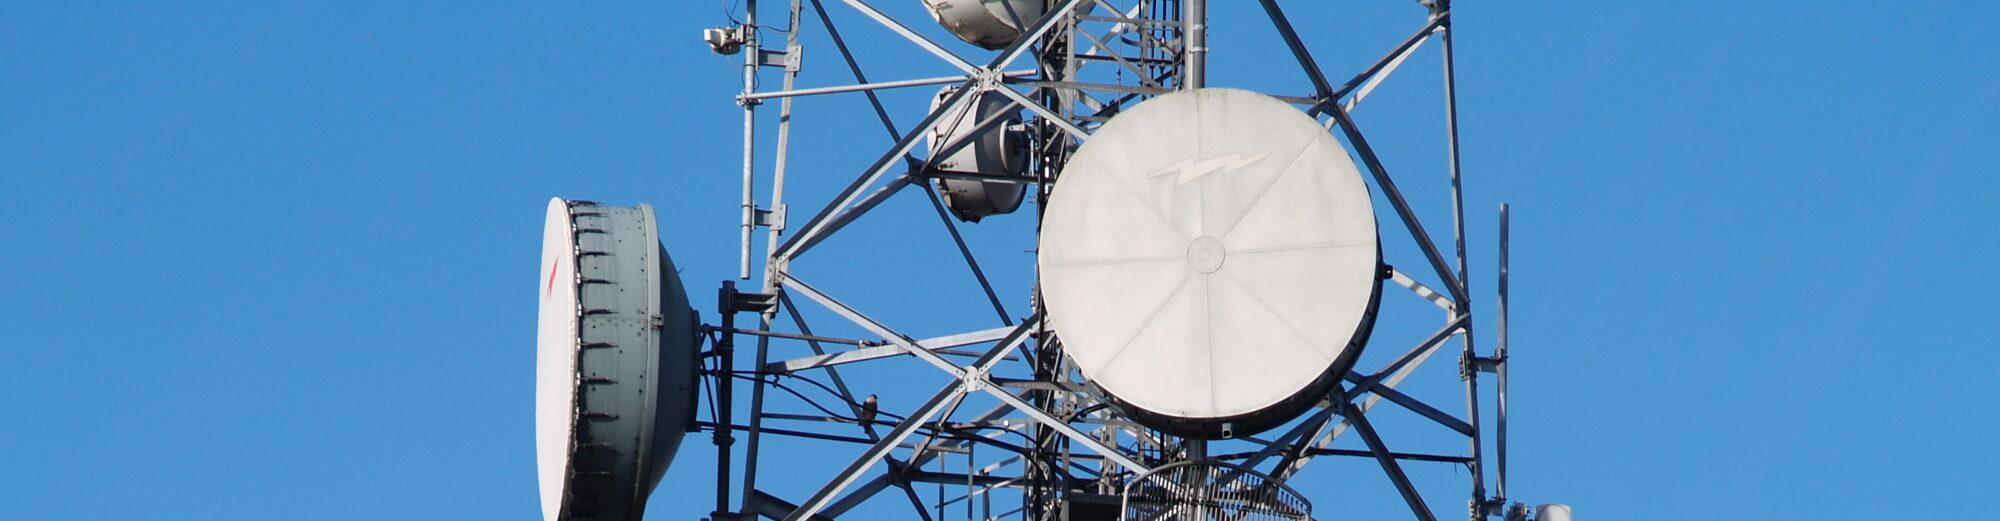 MSI Service – Suporte Para Antenas, Torre Para Provedores de Internet, Rádio e TV